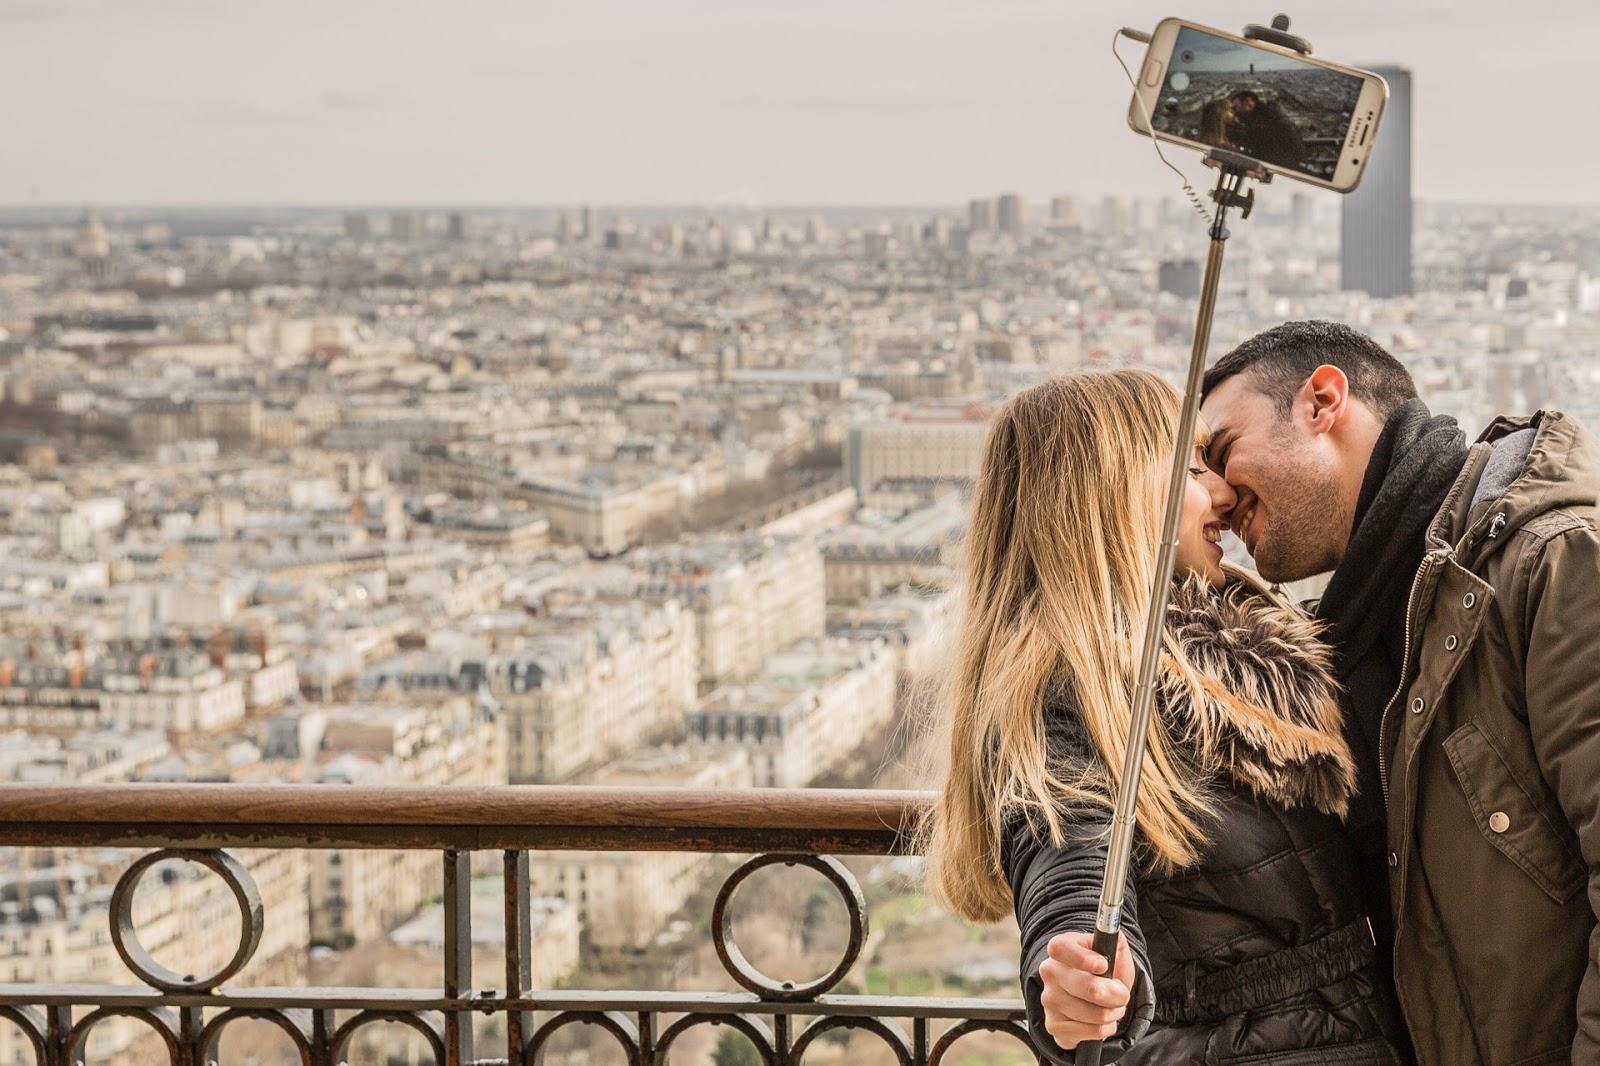 Casal fazendo selfie durante viagem com paisagem ao fundo